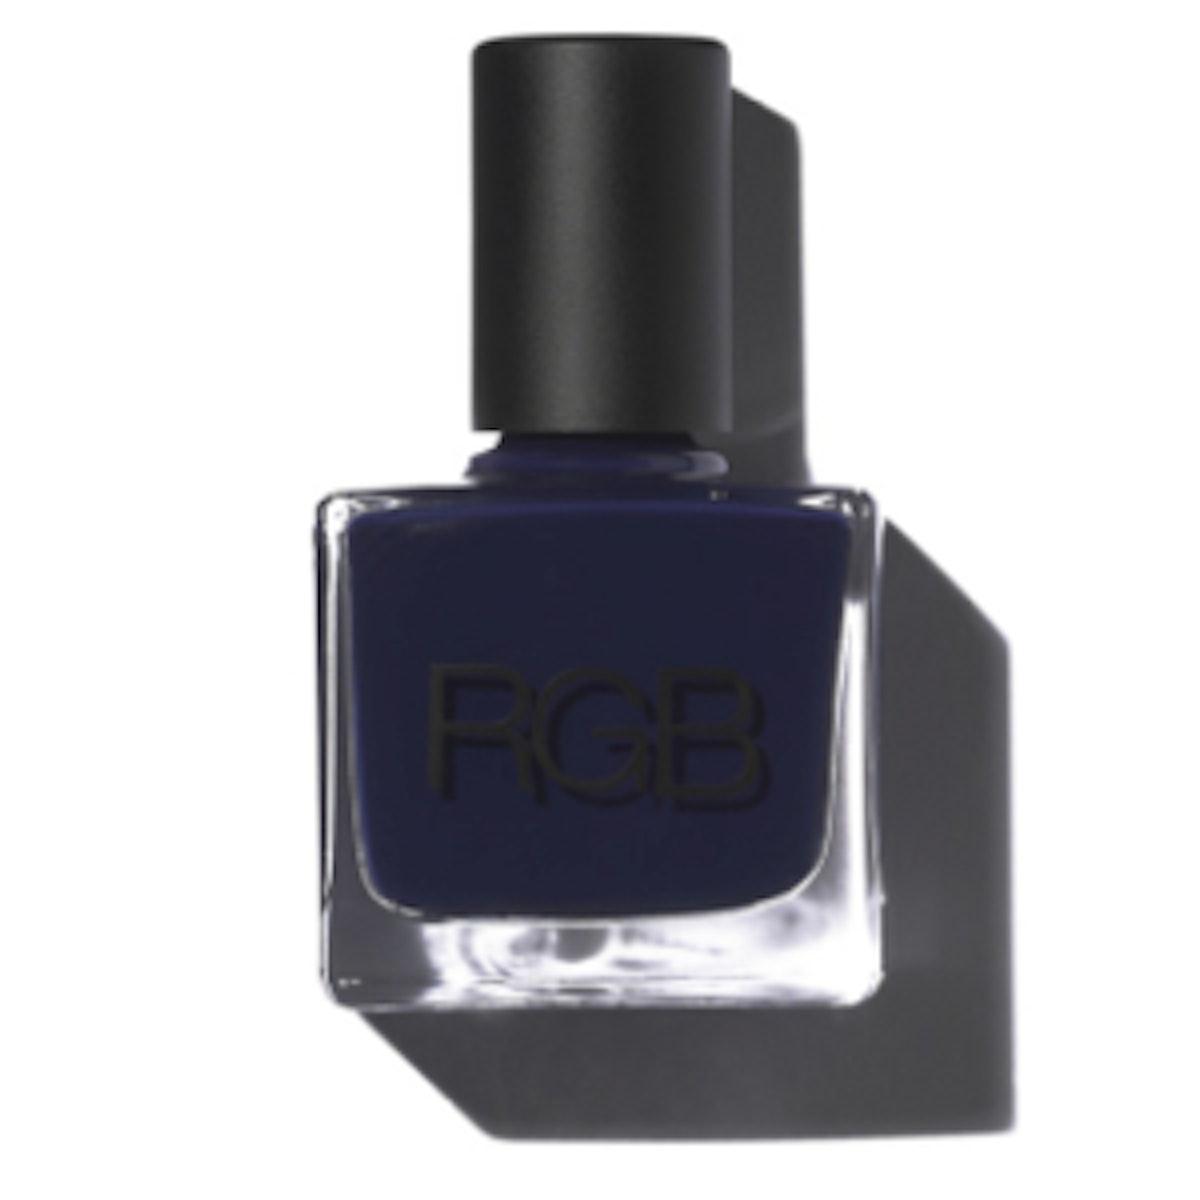 Jennifer Fisher Jewelry x RGB Cosmetics Nail Polish in Momma